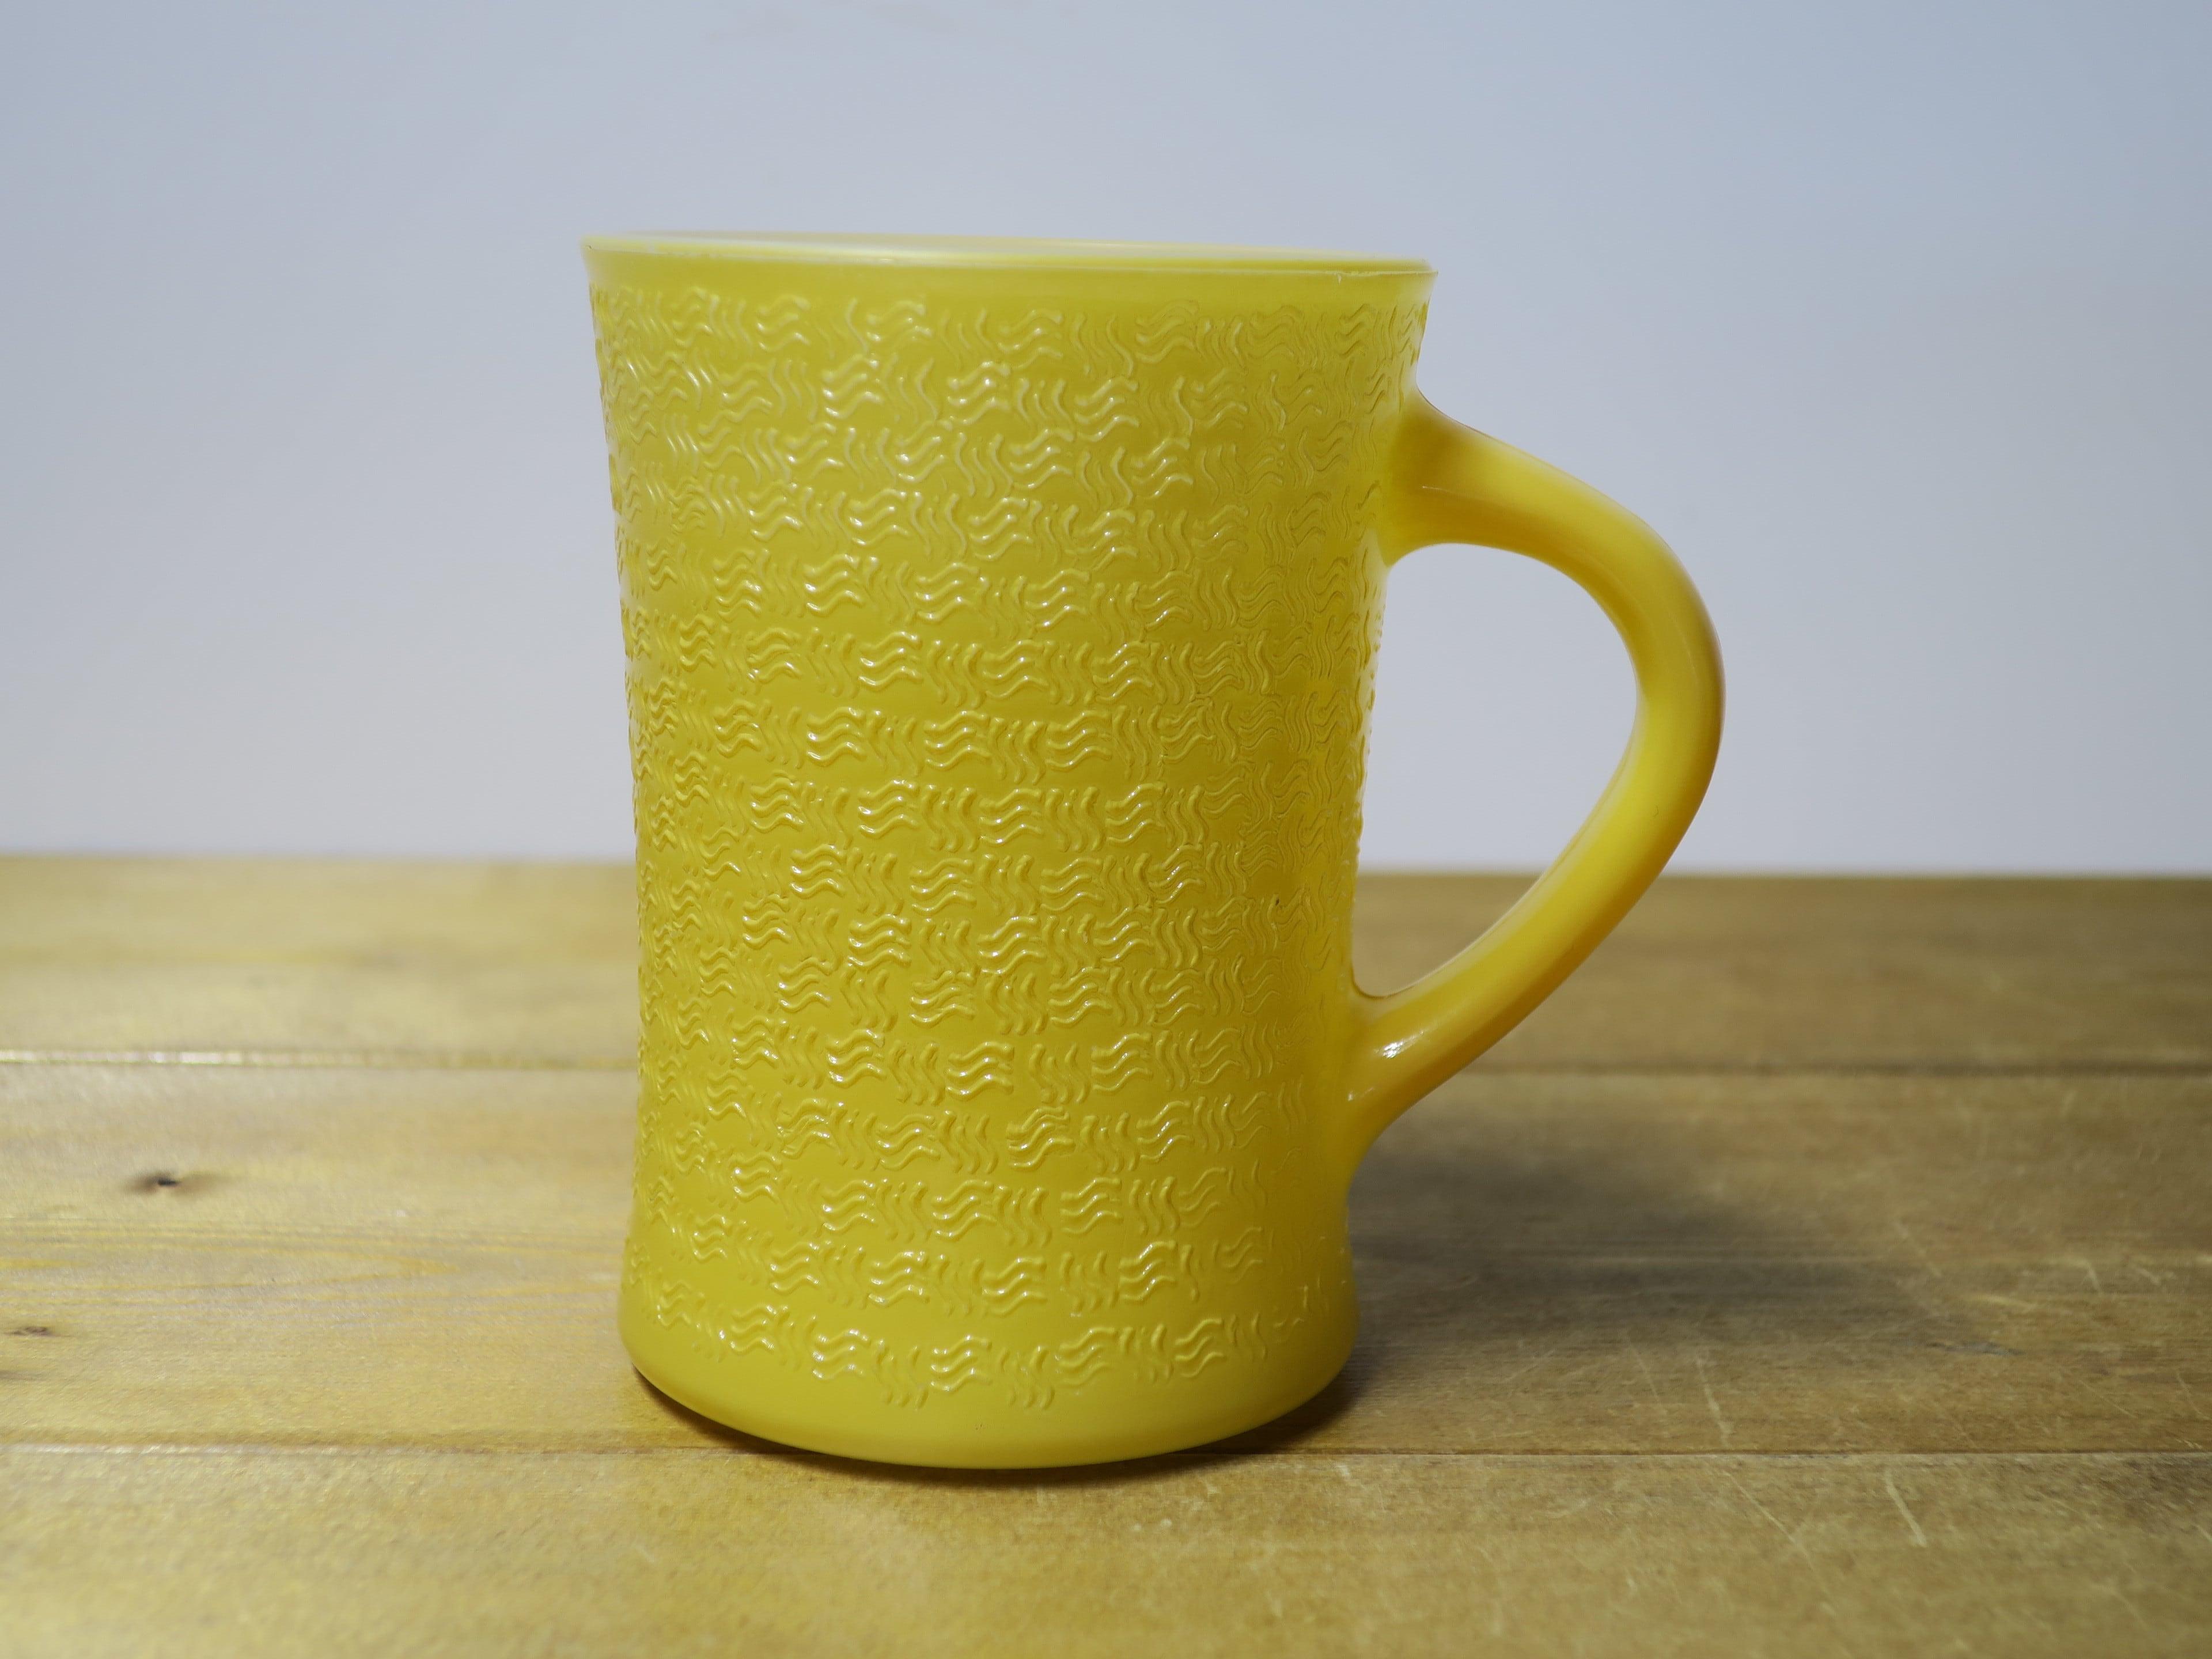 Glasbake バスケットウイーブマグ 黄